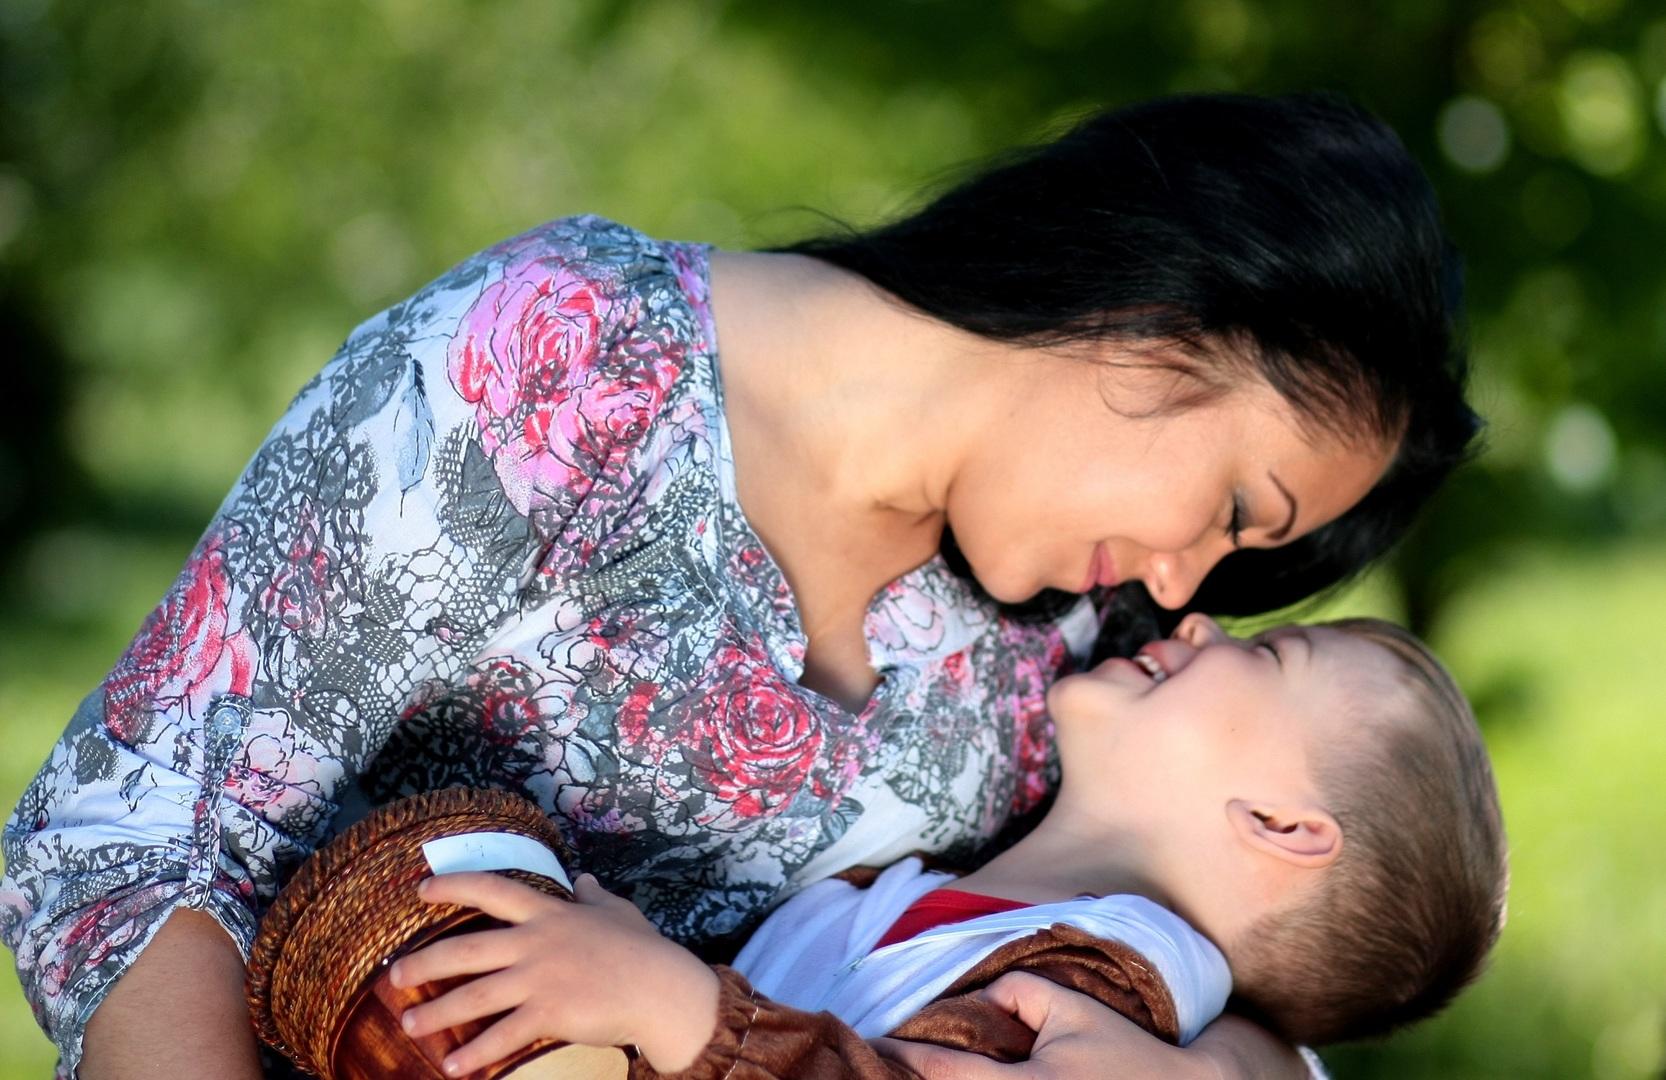 Az anyák is megérdemlik a törődést